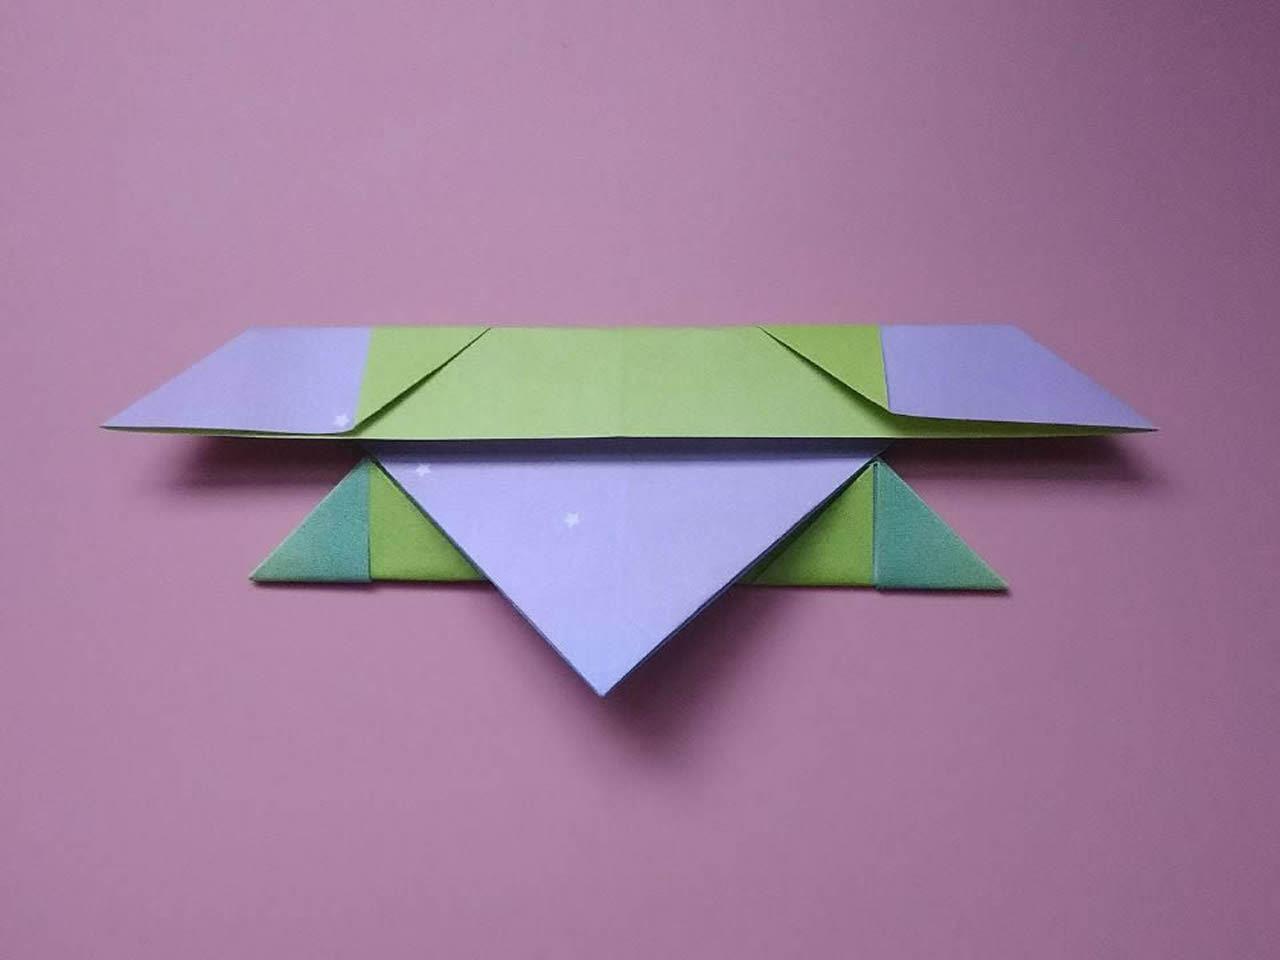 手工纸帆船的折法图解 折纸帆船的方法步骤图_手艺活网